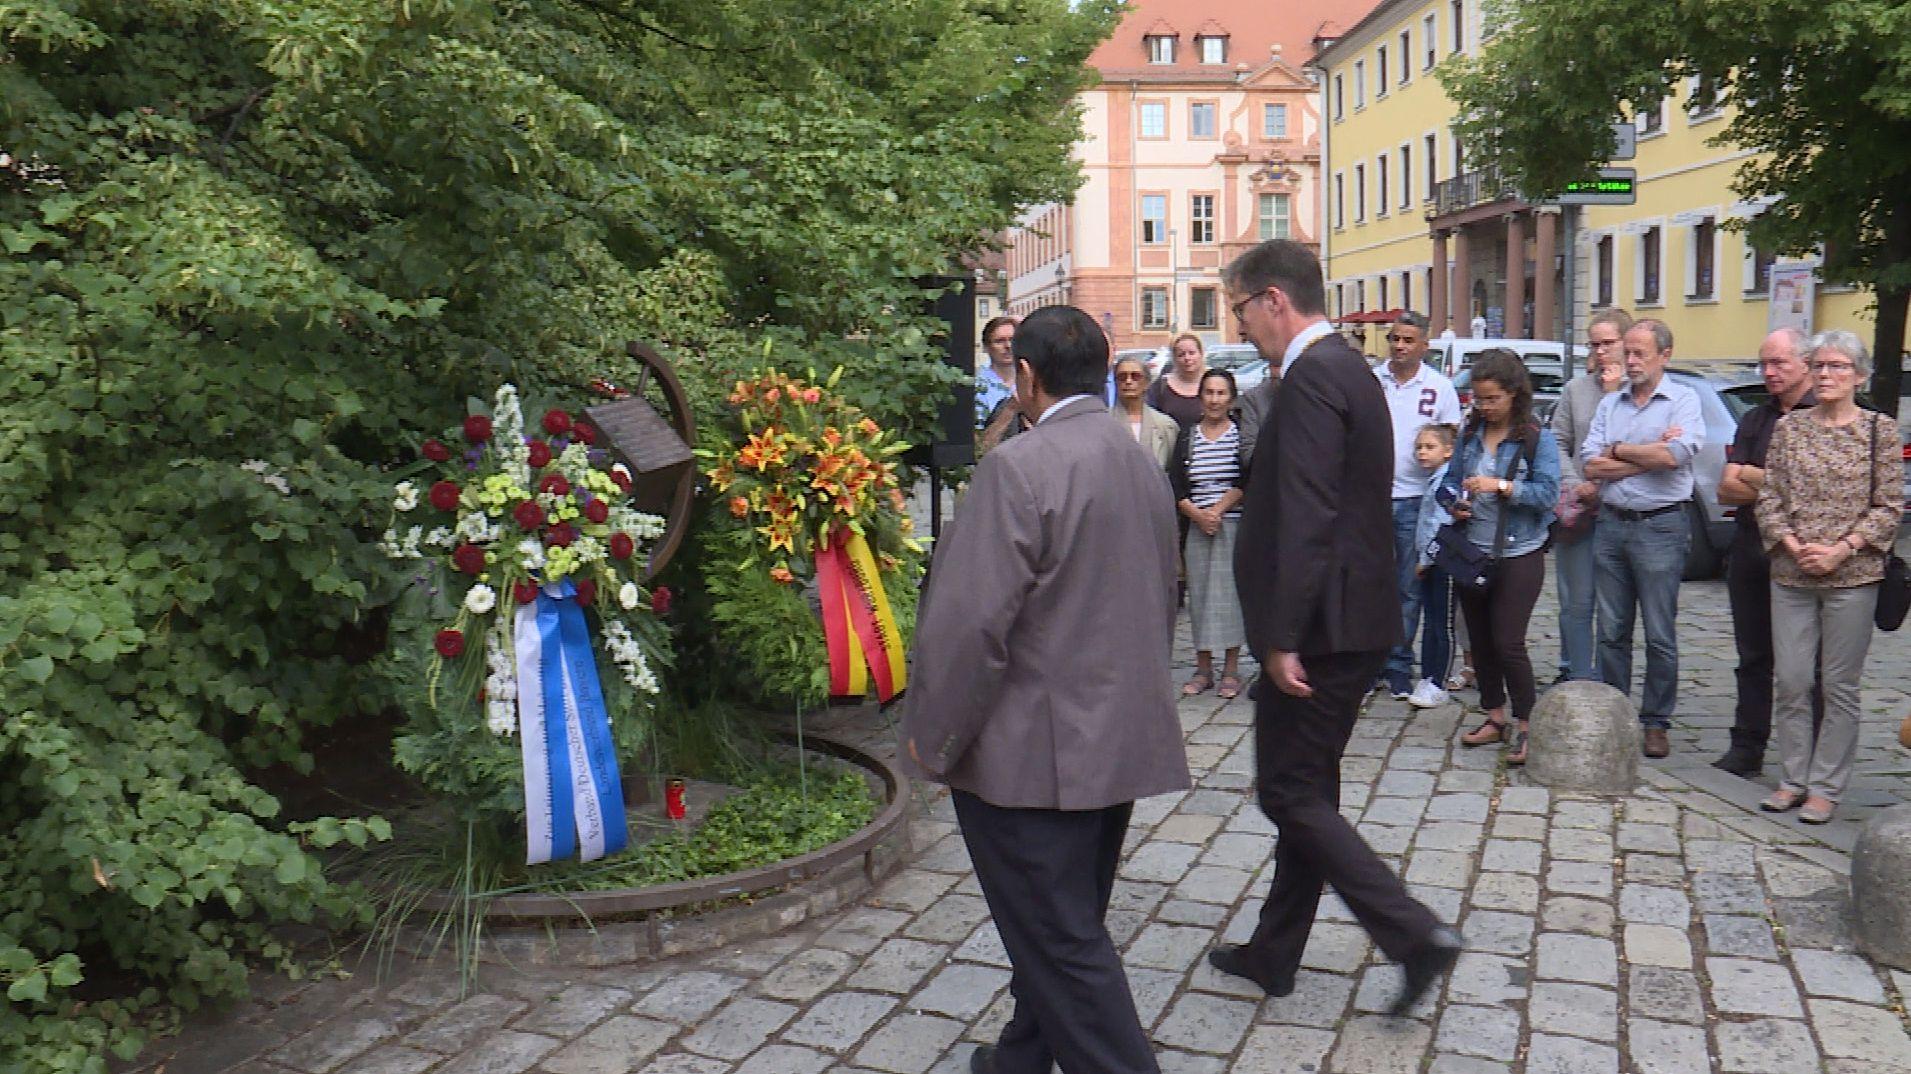 Kranzniederlegung in Würzburg zum Gedenken an die Ermordung von Sinti und Roma während der NS-Diktatur.